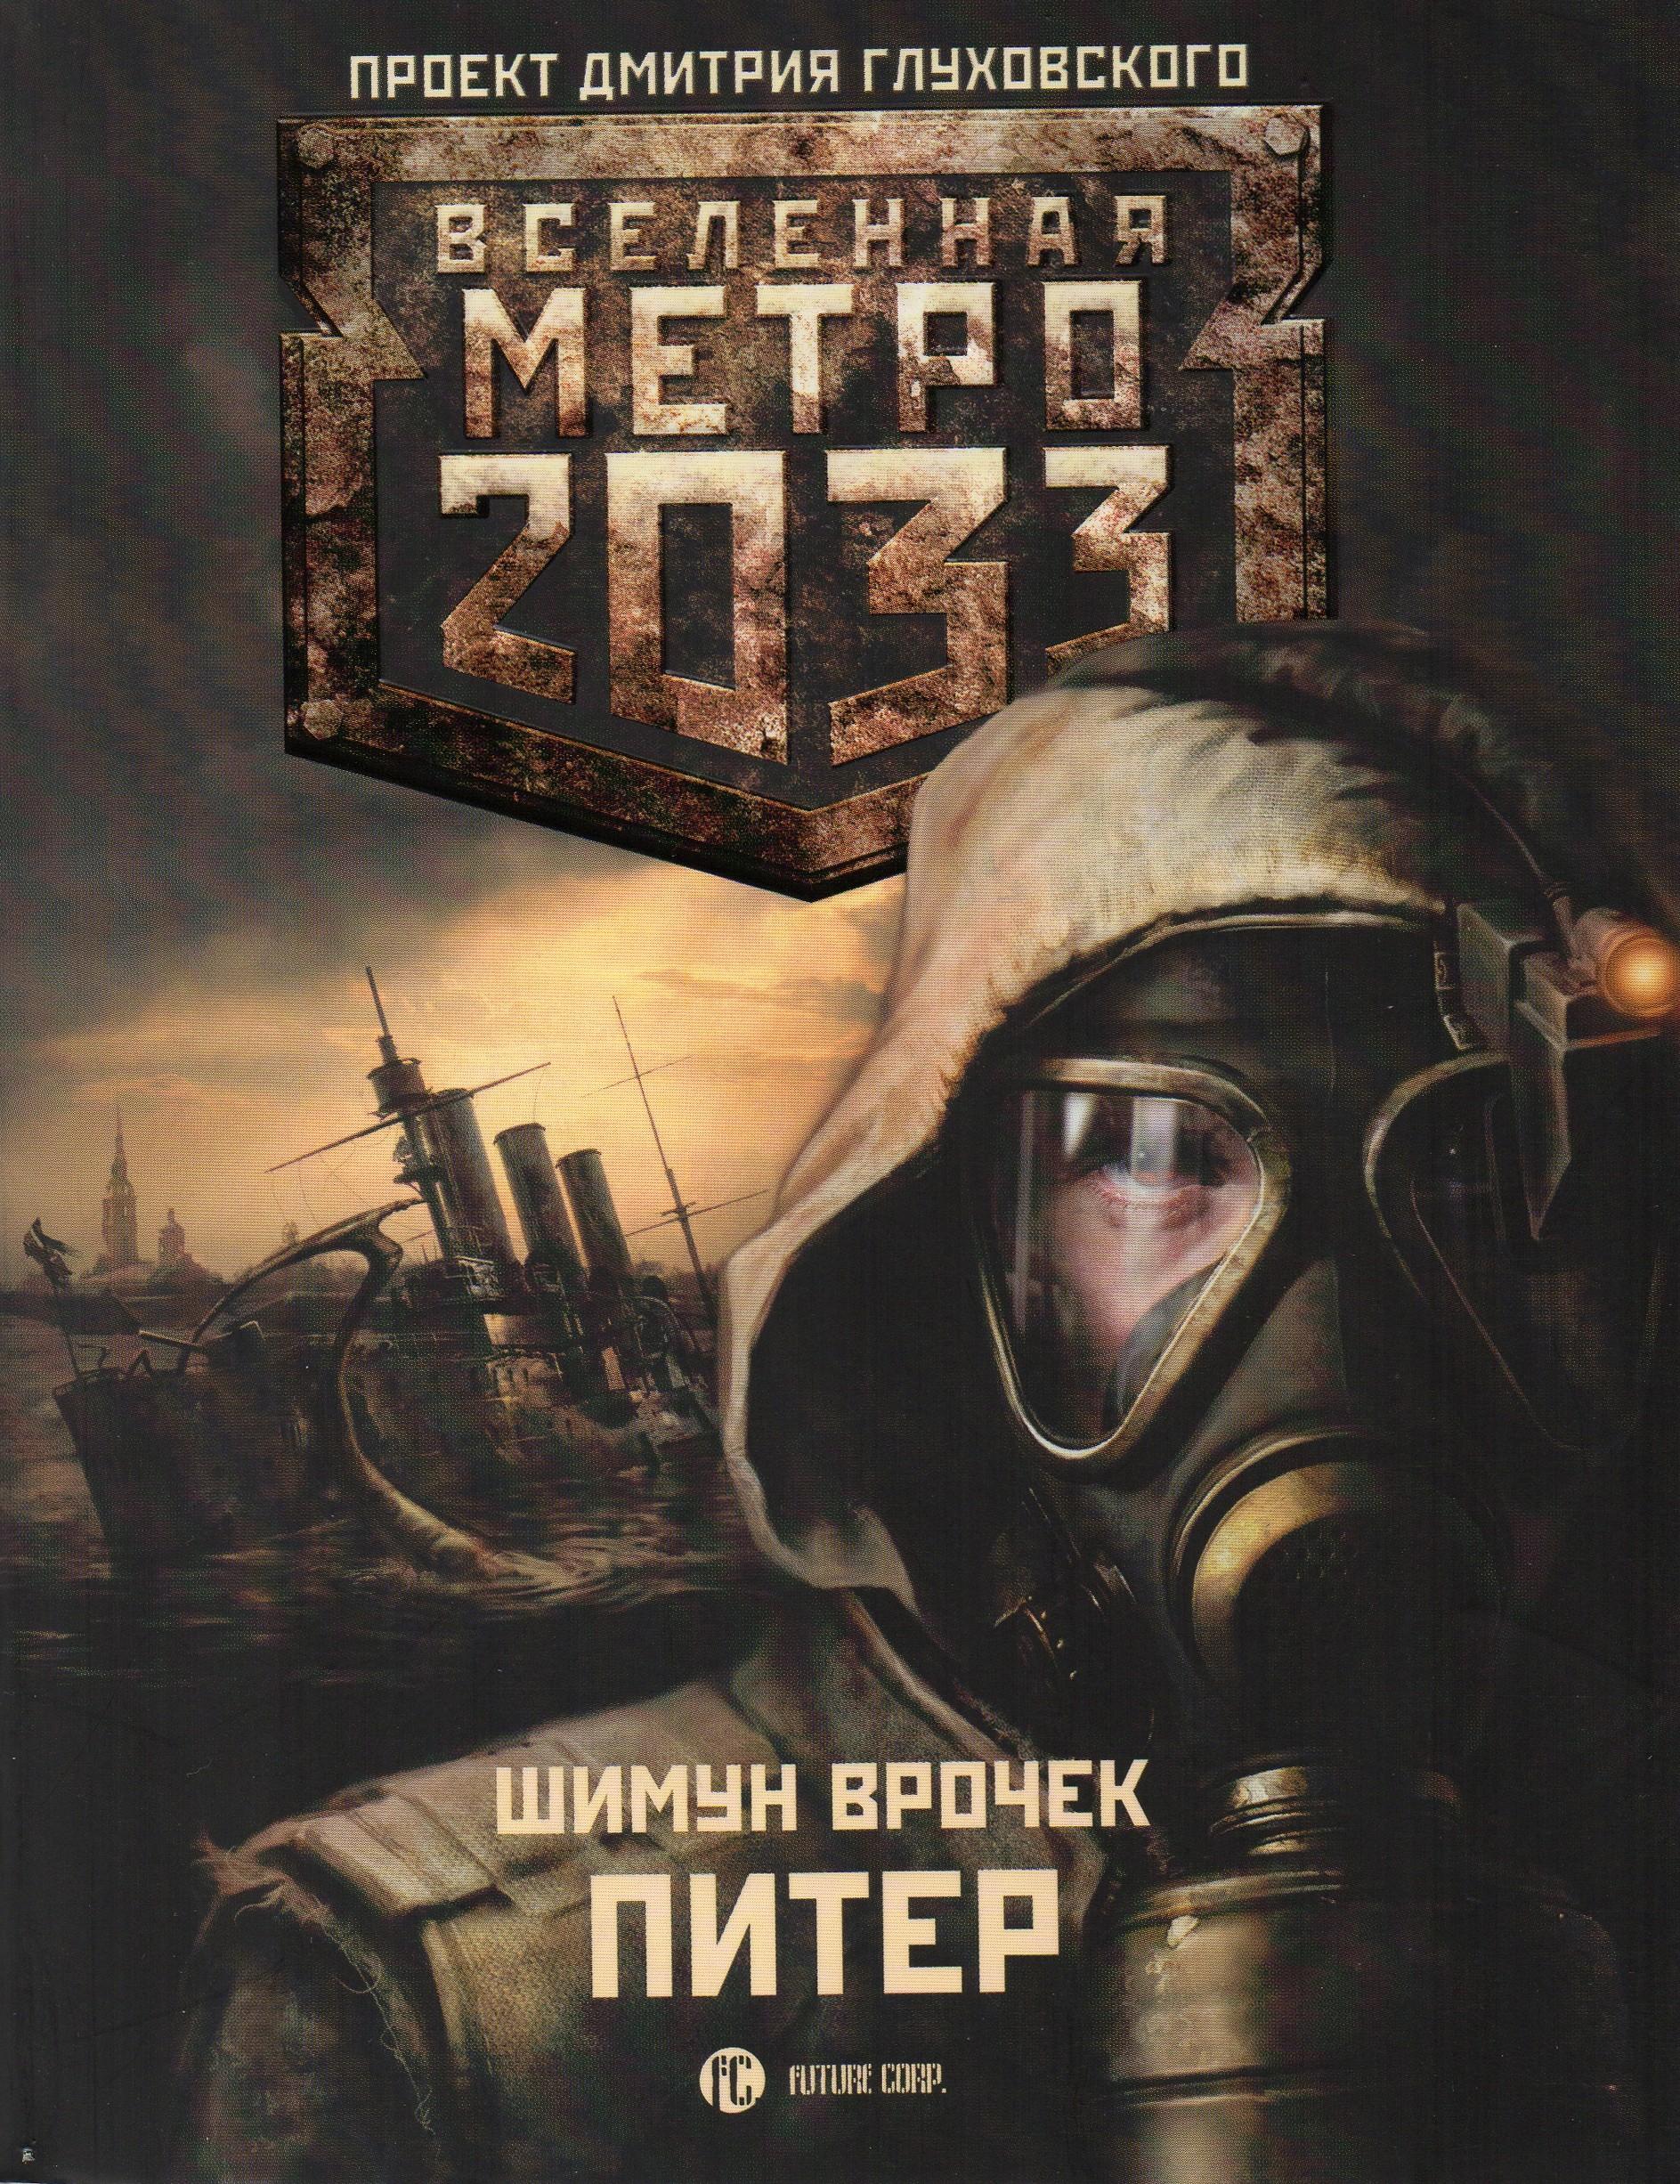 метро 2034 книга скачать на телефон